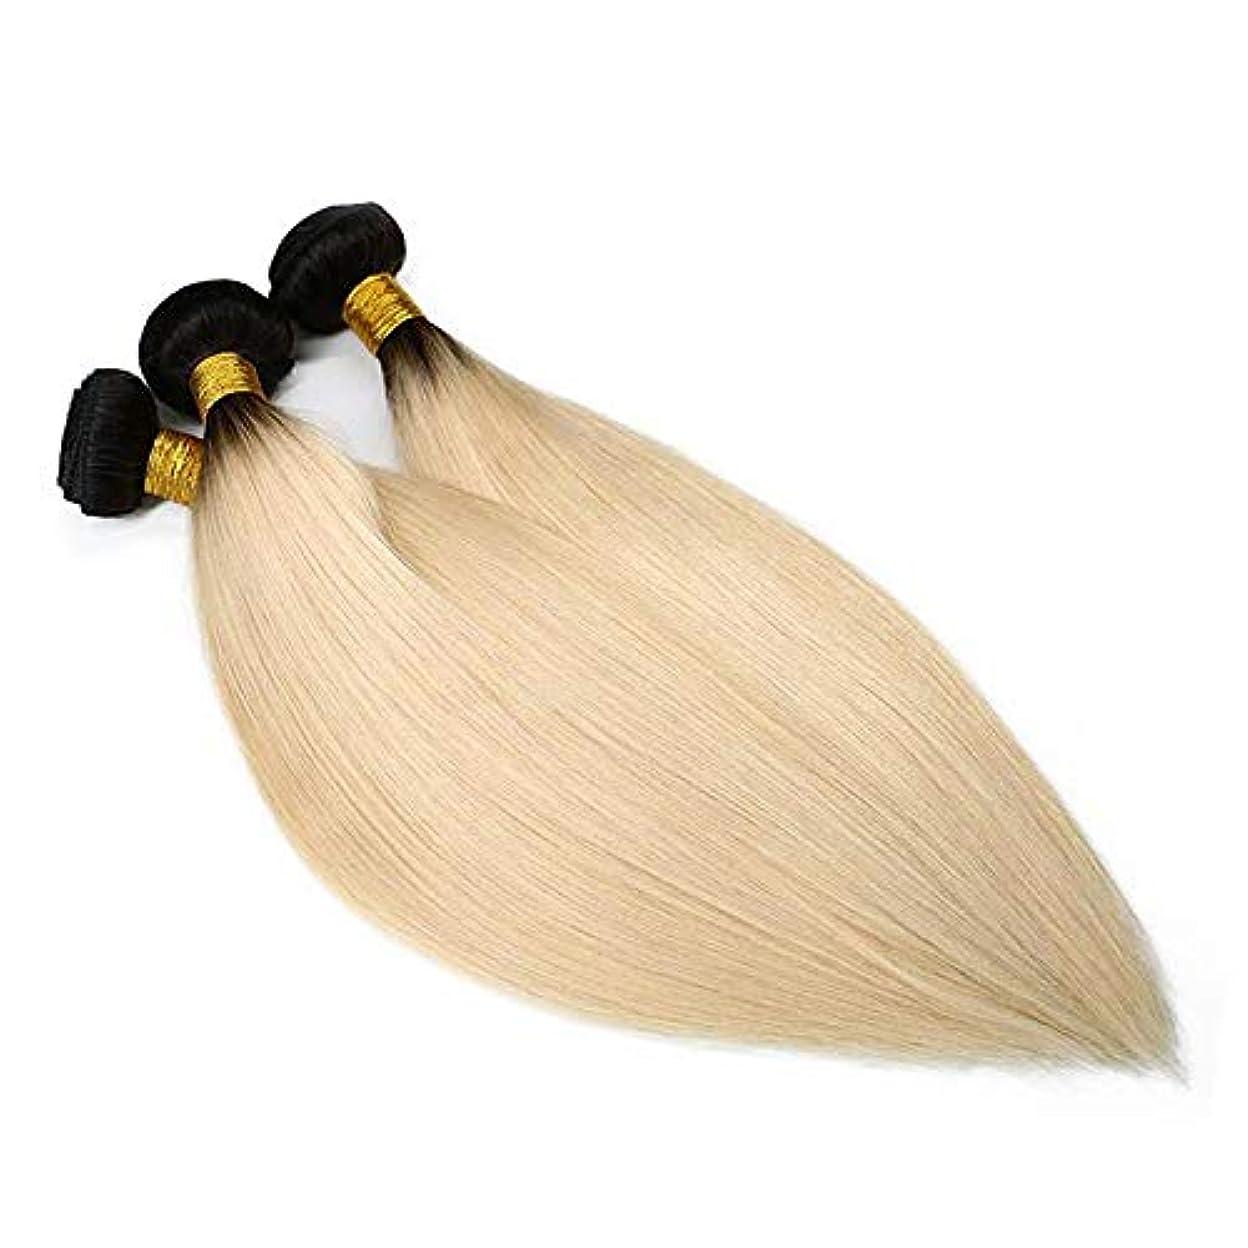 膿瘍誰物理的にWASAIO 100グラム)、ヘアエクステンションブラジルバンドルヒト織り横糸Unbowed#1B / 613ブロンド18インチ(1つのバンドル (色 : Blonde, サイズ : 12 inch)